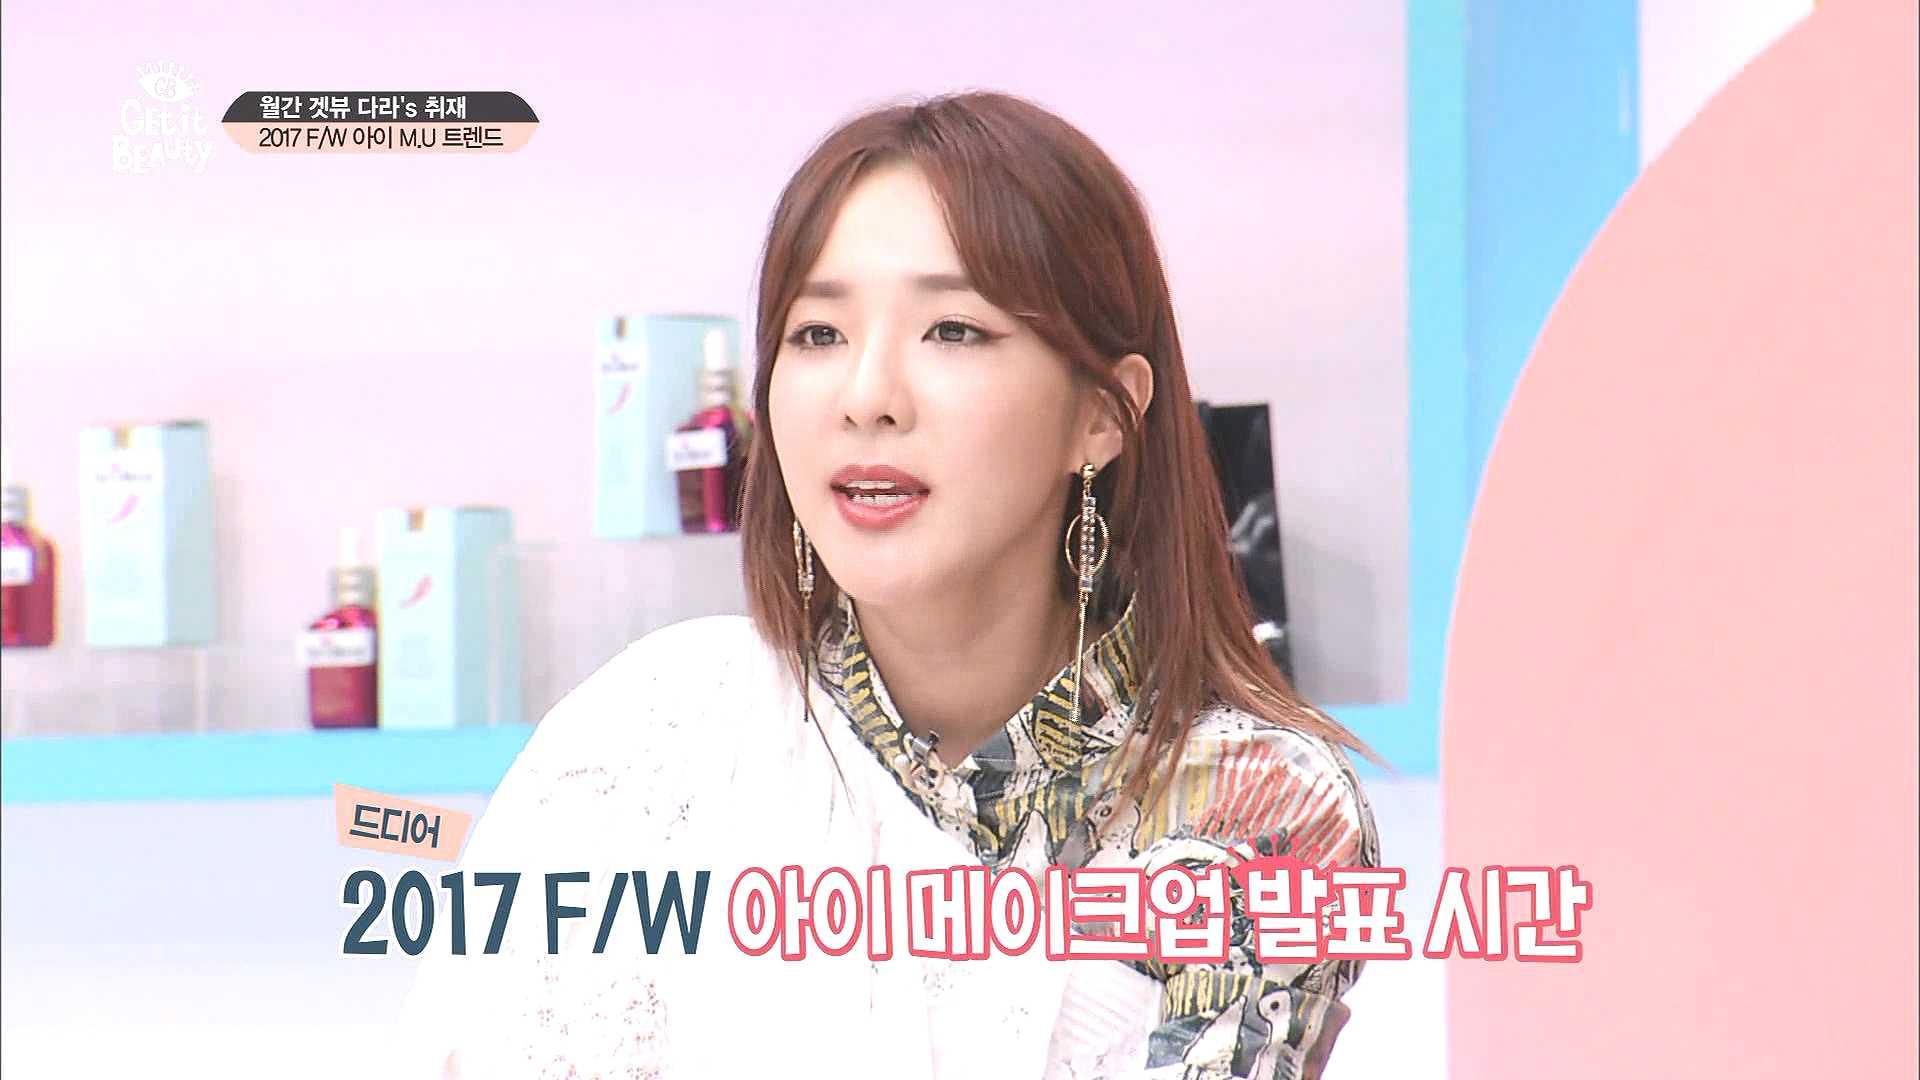 드디어 2017 F/W 아이 메이크업 발표 시간 ~